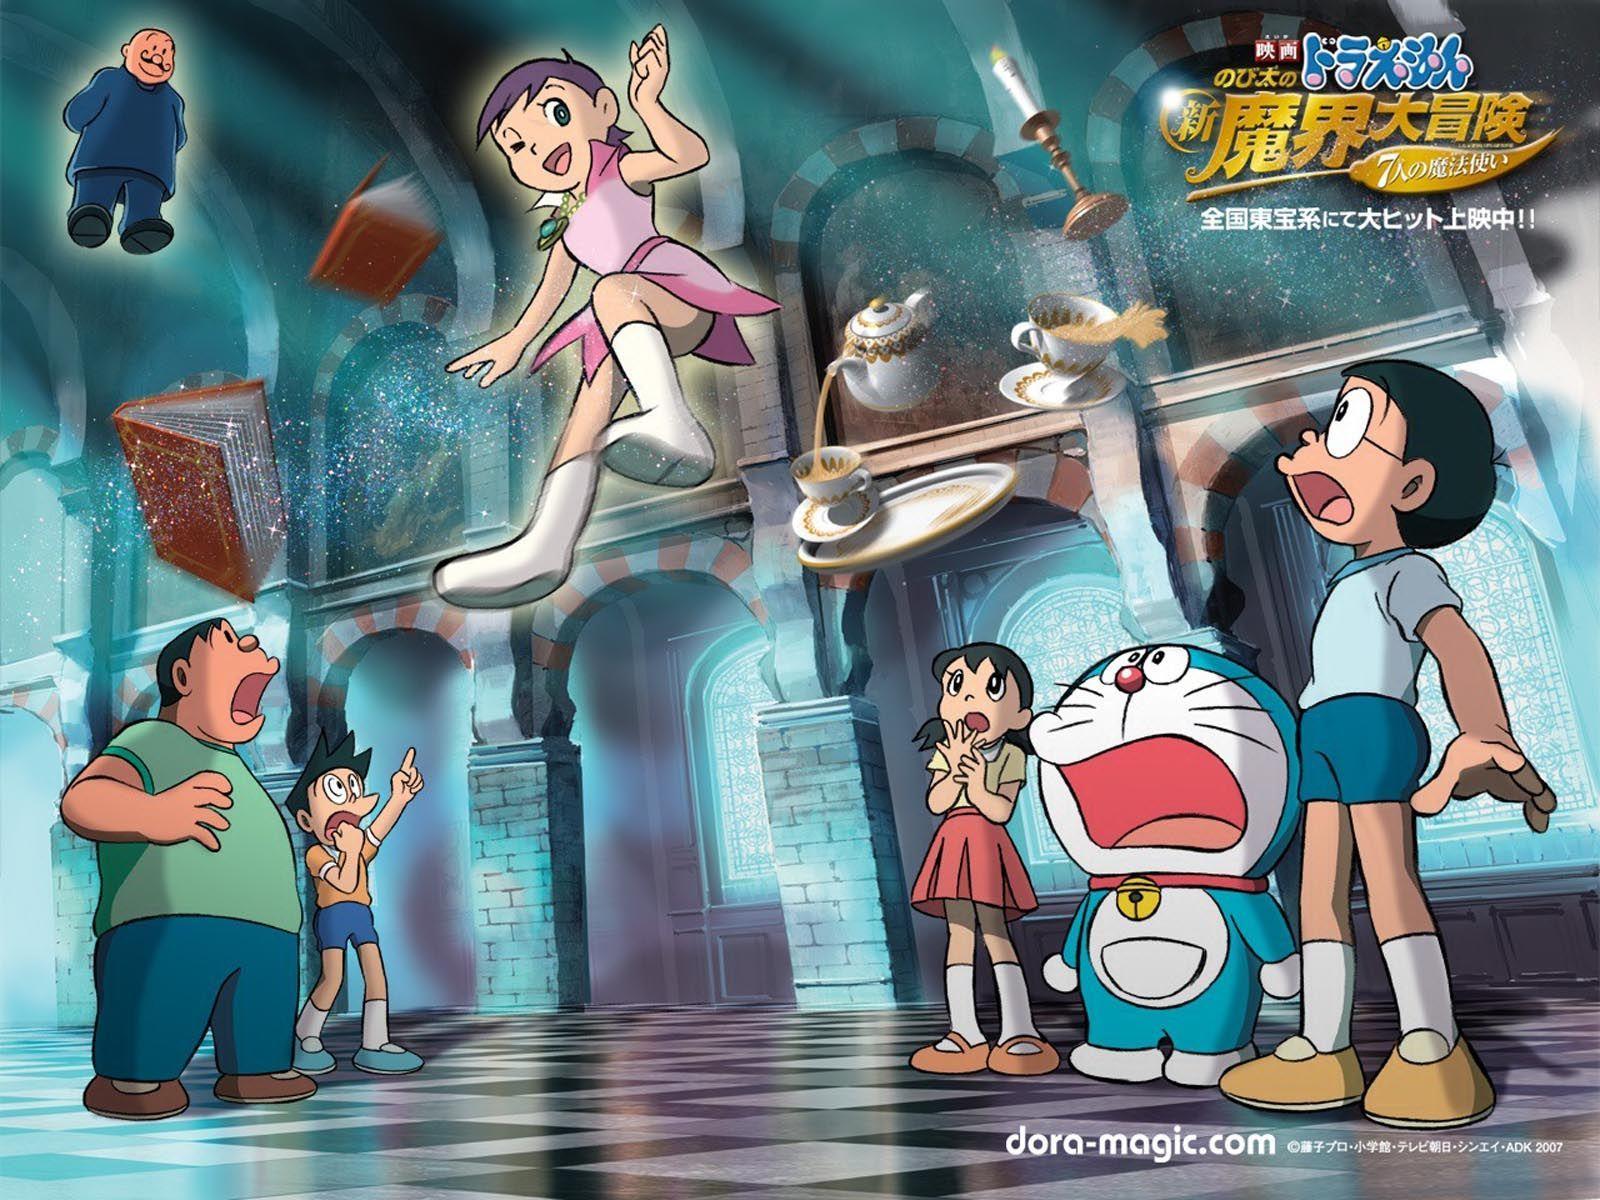 Wallpapers Of Doraemon And Nobita di 2020 (Dengan gambar